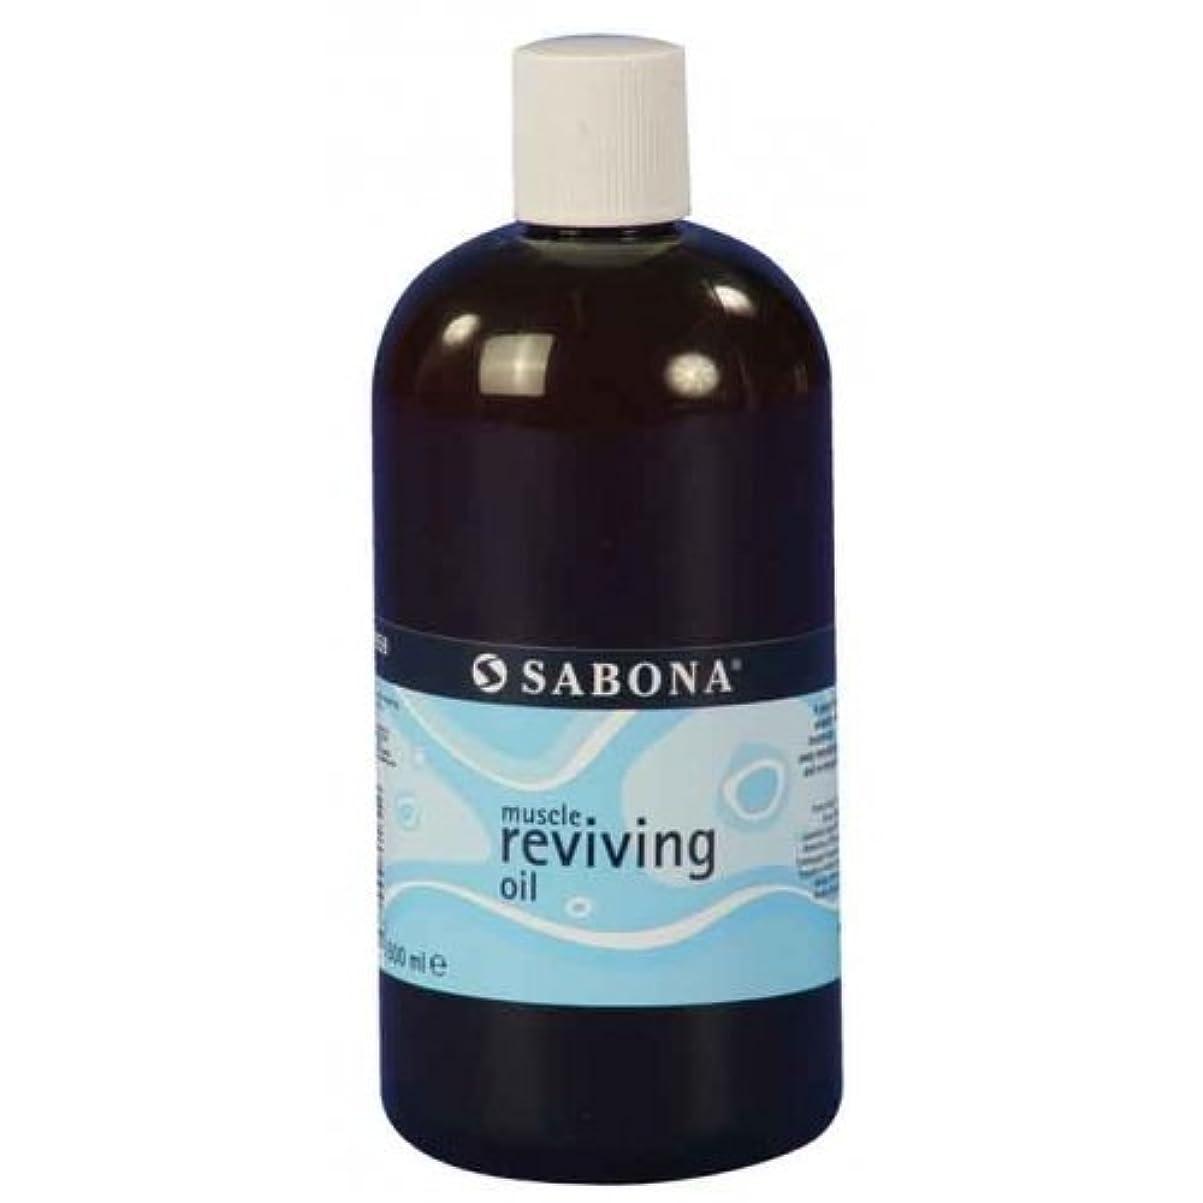 優雅縮約穿孔するSABONA MUSCLE REVIVING OIL. 100ml. by Sabona